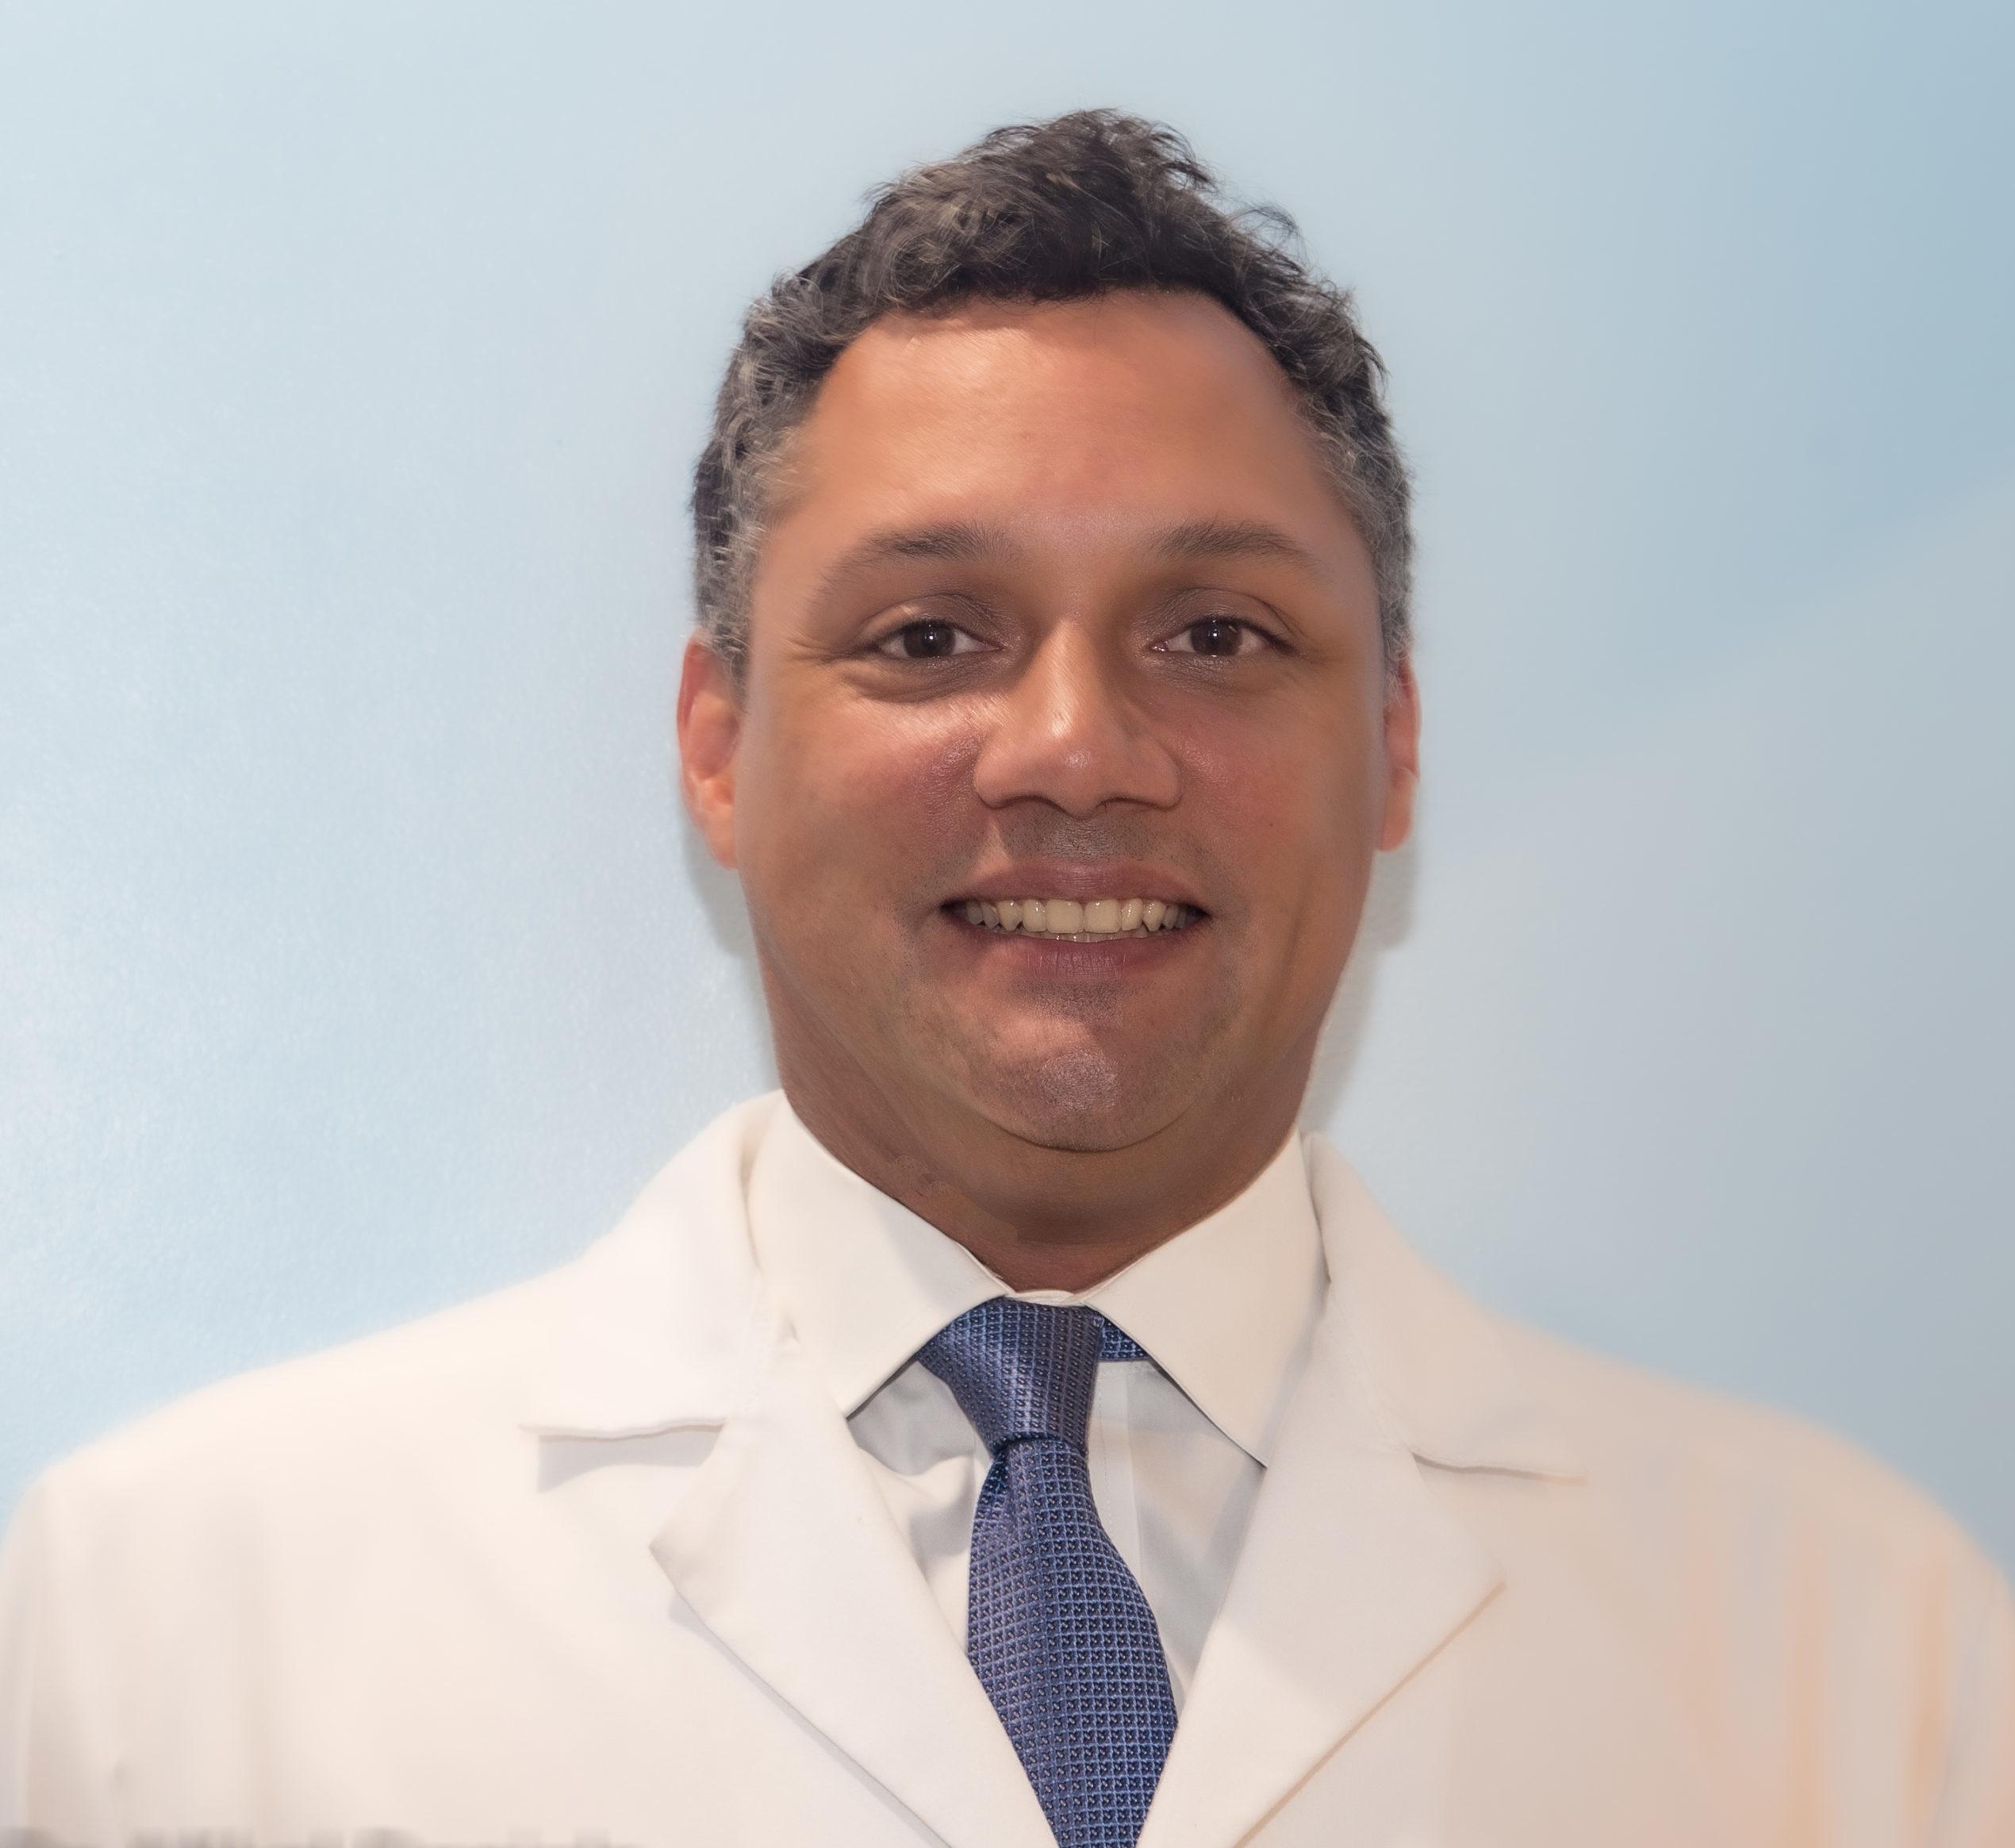 Dr. Francisco Pizarro